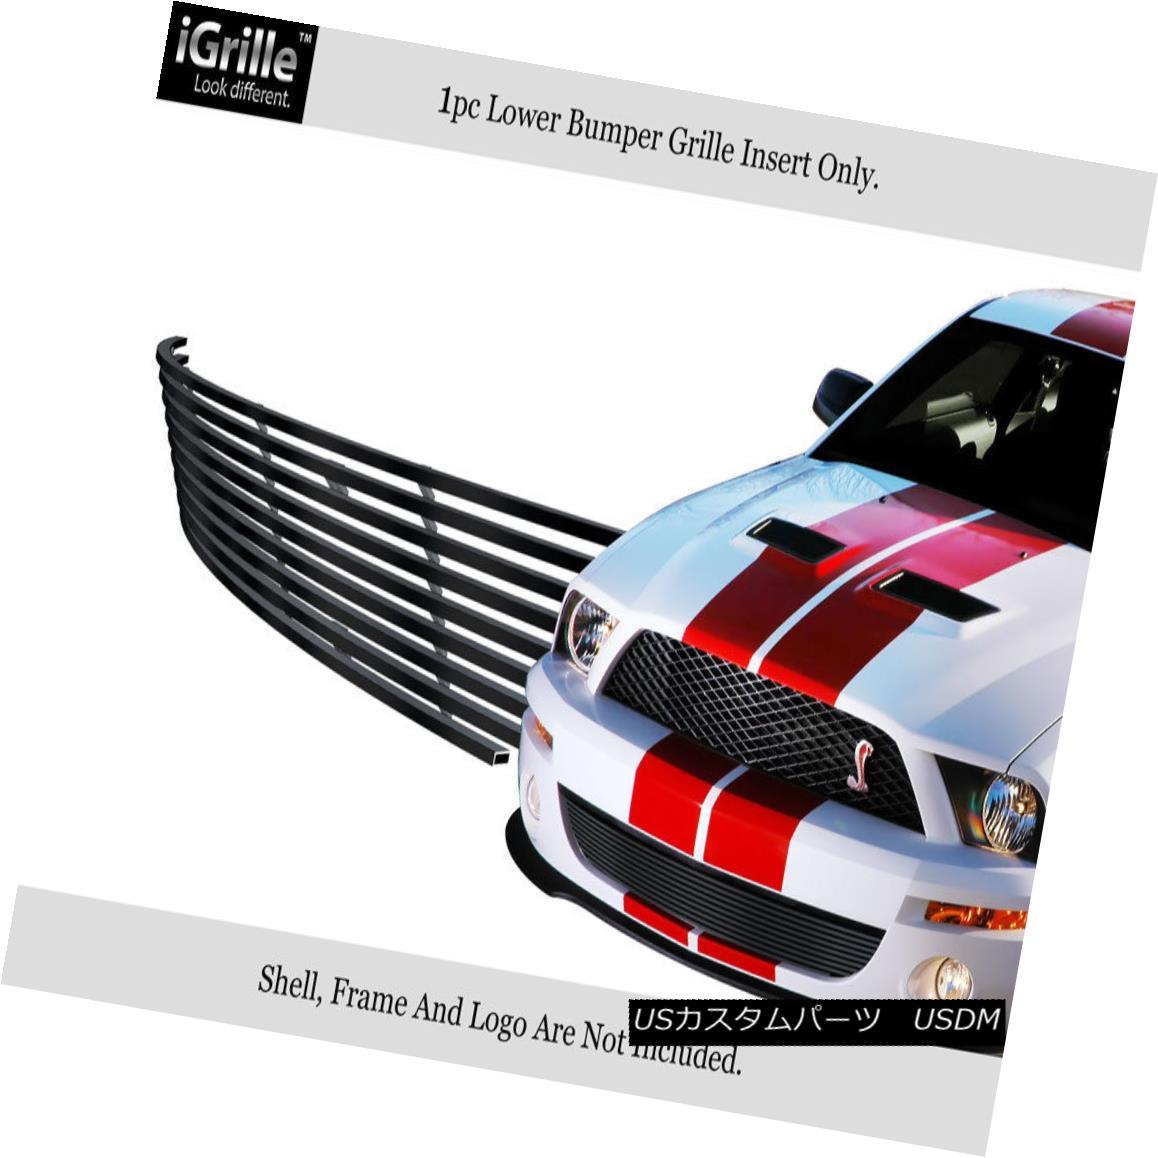 グリル Fits 07-09 Ford Shelby GT 500 Bumper Stainless Steel Black Billet Grille フィット07-09フォードシェルビーGT 500バンパーステンレススチールブラックビレットグリル